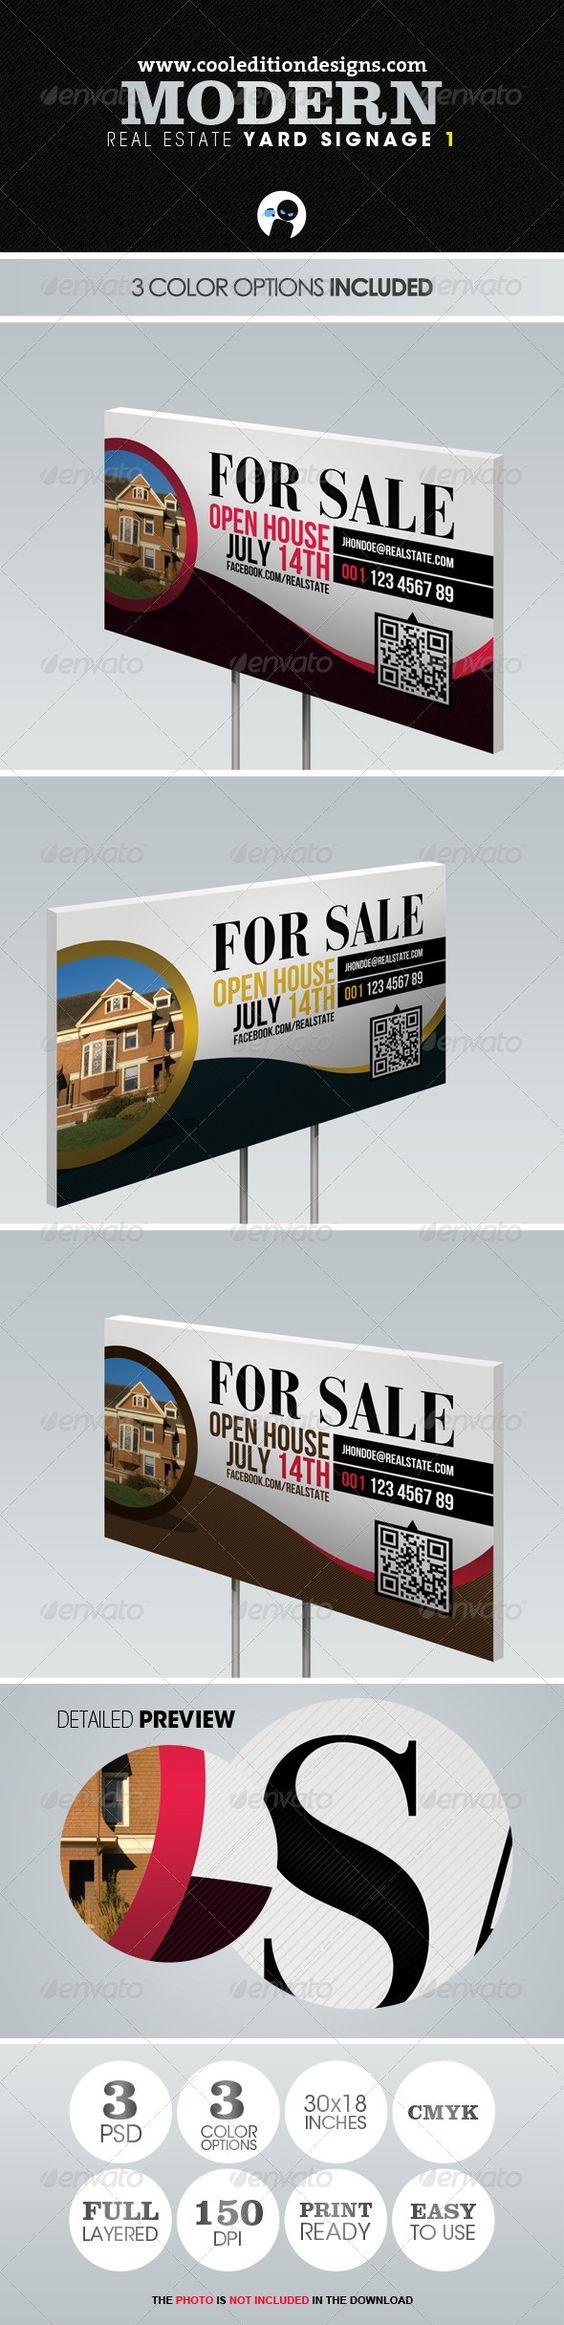 modern real estate yard signage 1 signage real estate and yards modern real estate yard signage 1 graphicriver item for